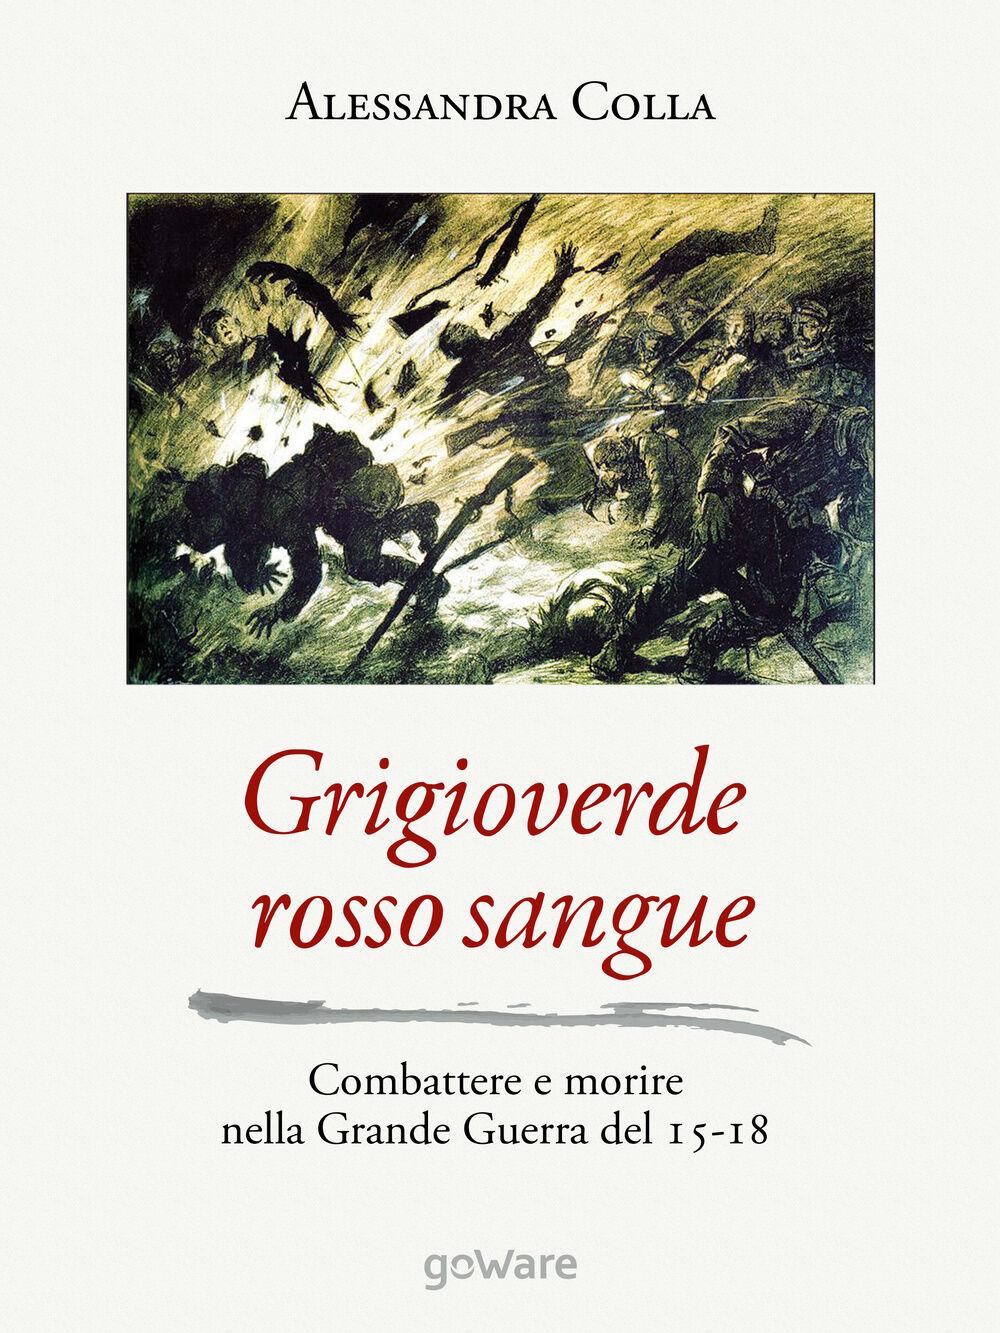 Grigioverde rosso sangue. Combattere e morire nella Grande Guerra del 15-18